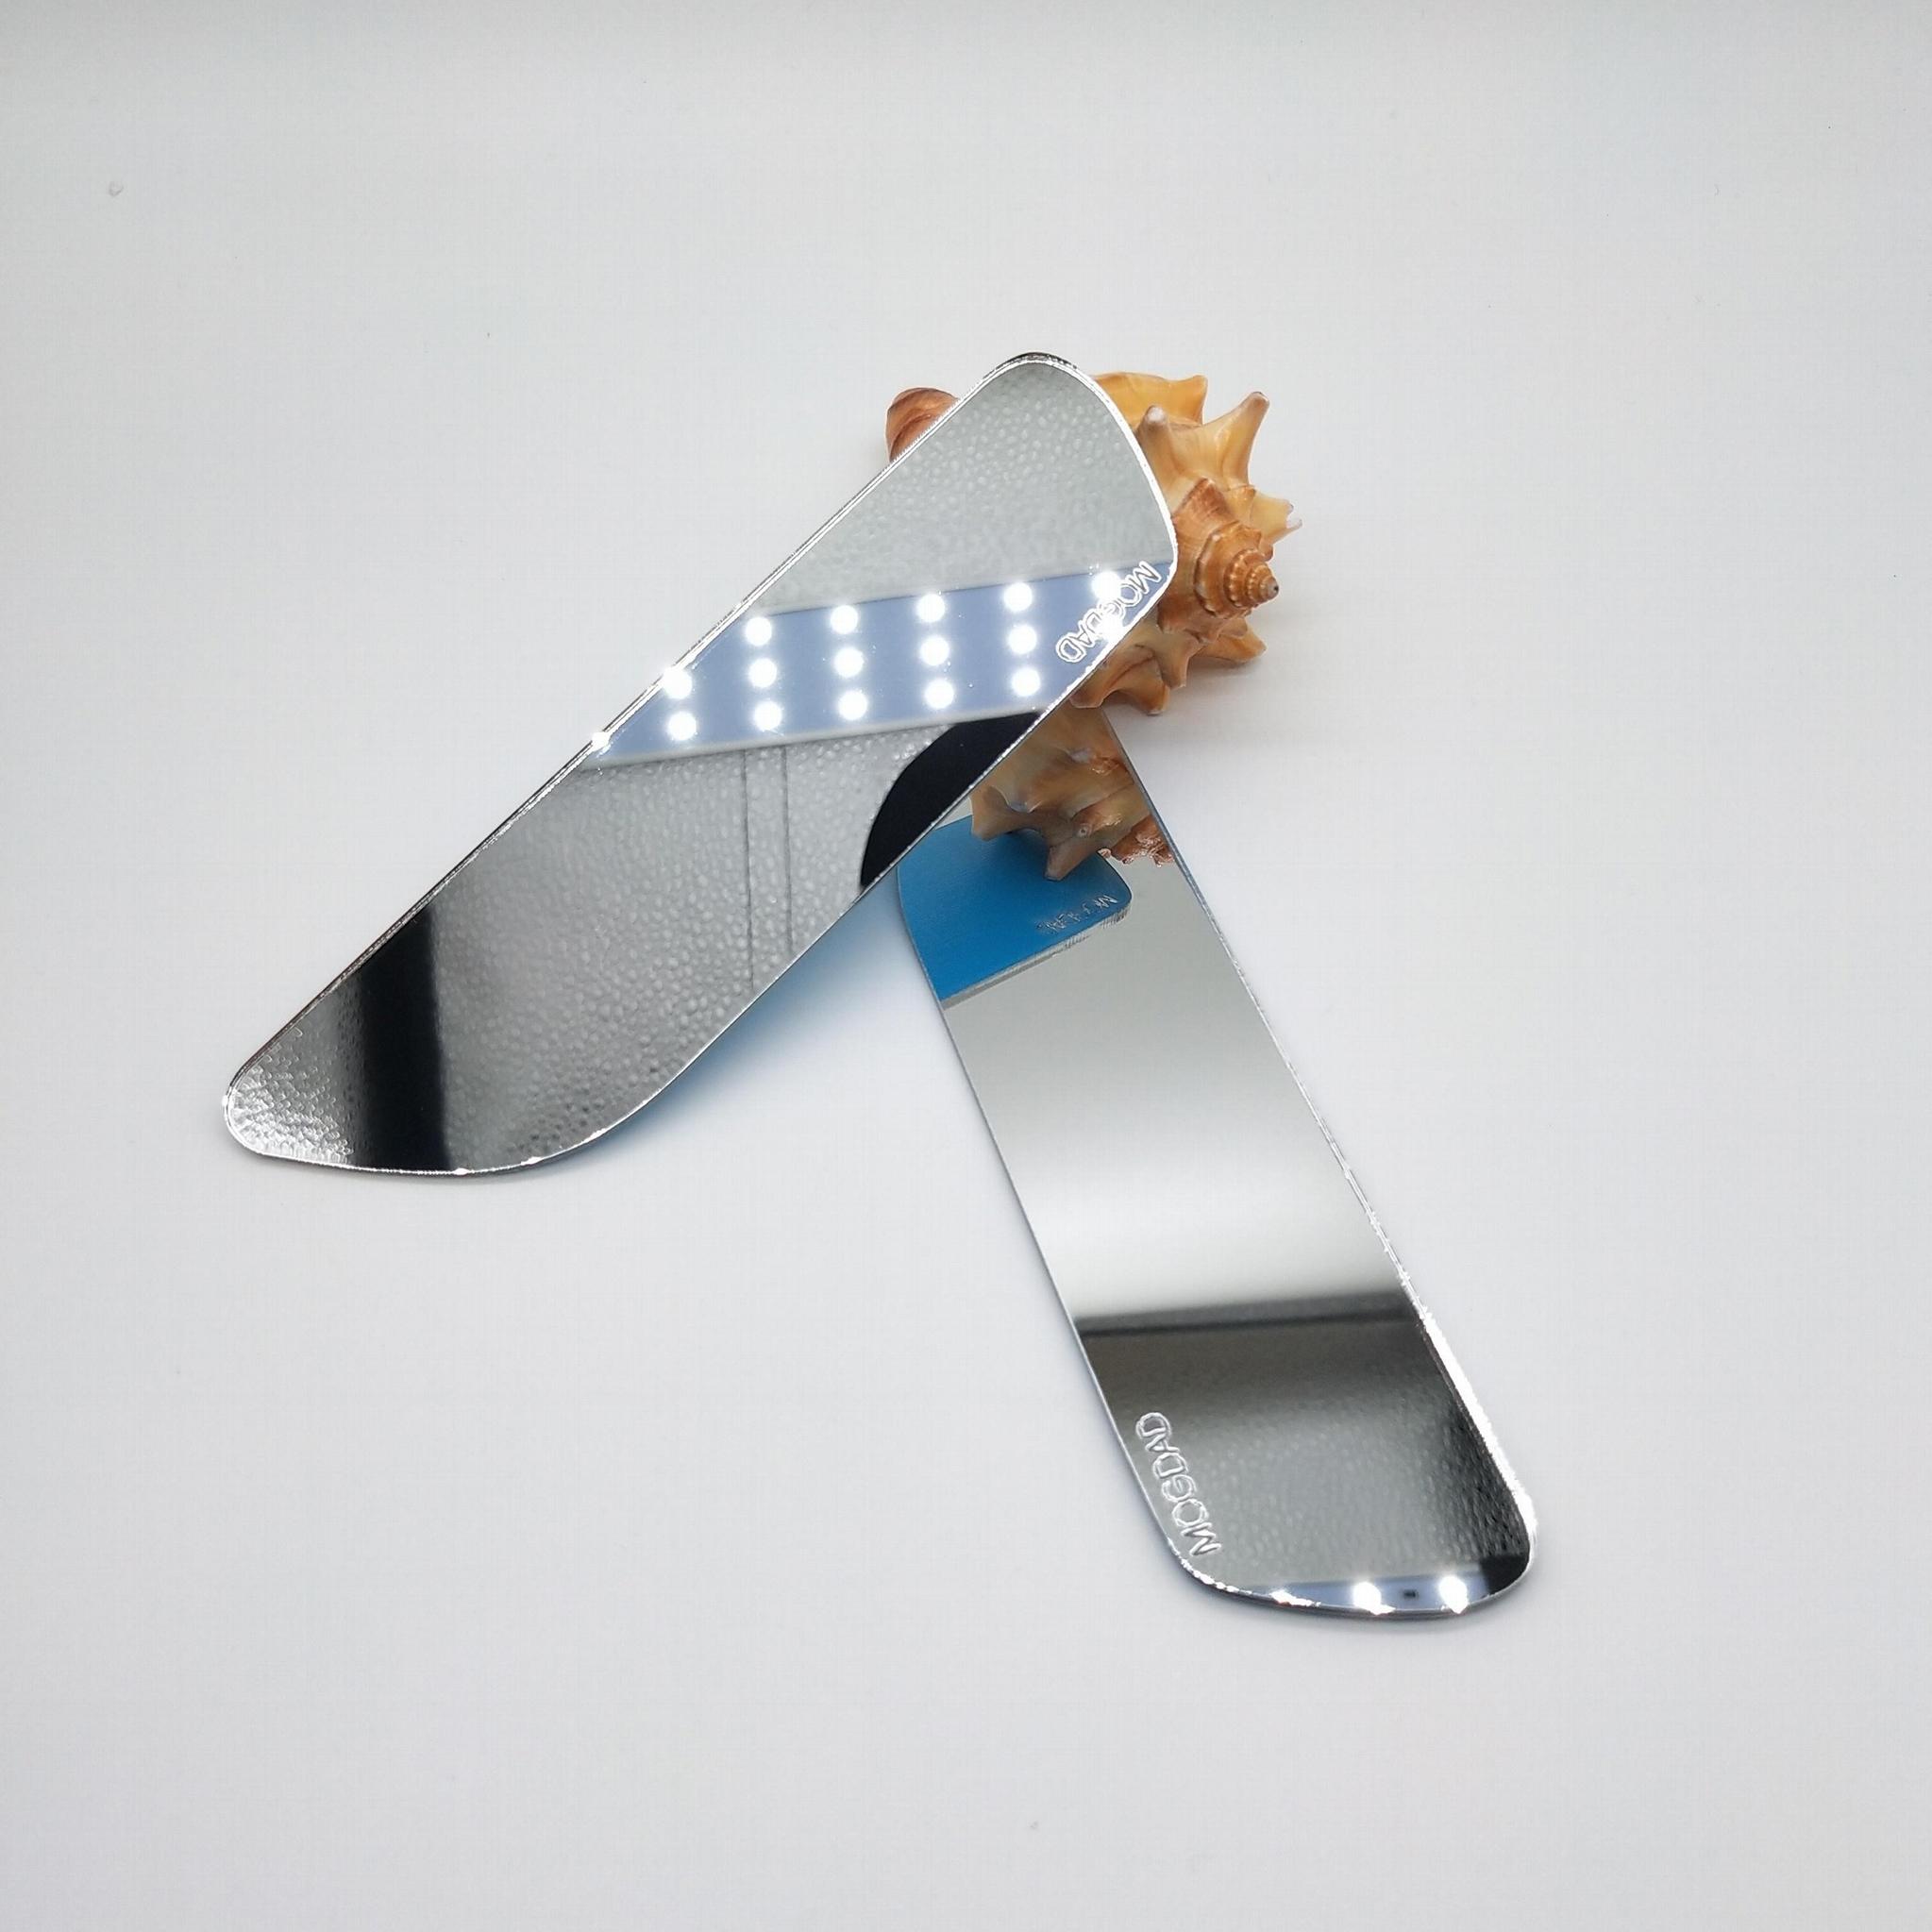 廠家供應塑膠鏡片 PMMA油漆鏡 亞克力鏡片切割成型 3